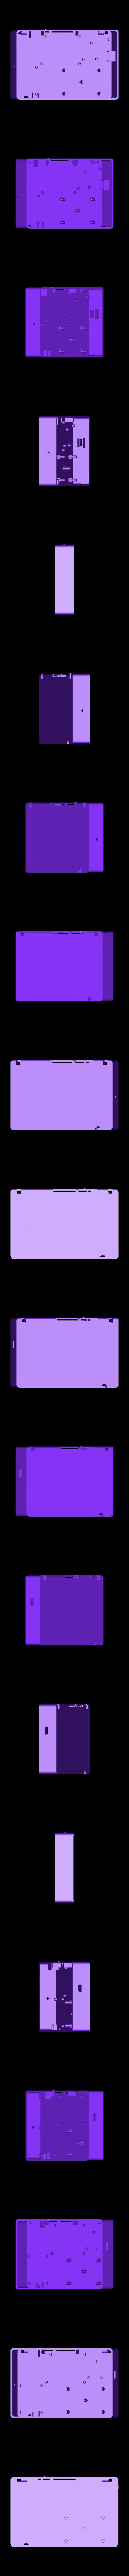 PiBookBody.stl Télécharger fichier STL gratuit PiBook alimenté sans fil • Plan imprimable en 3D, Qelorliss